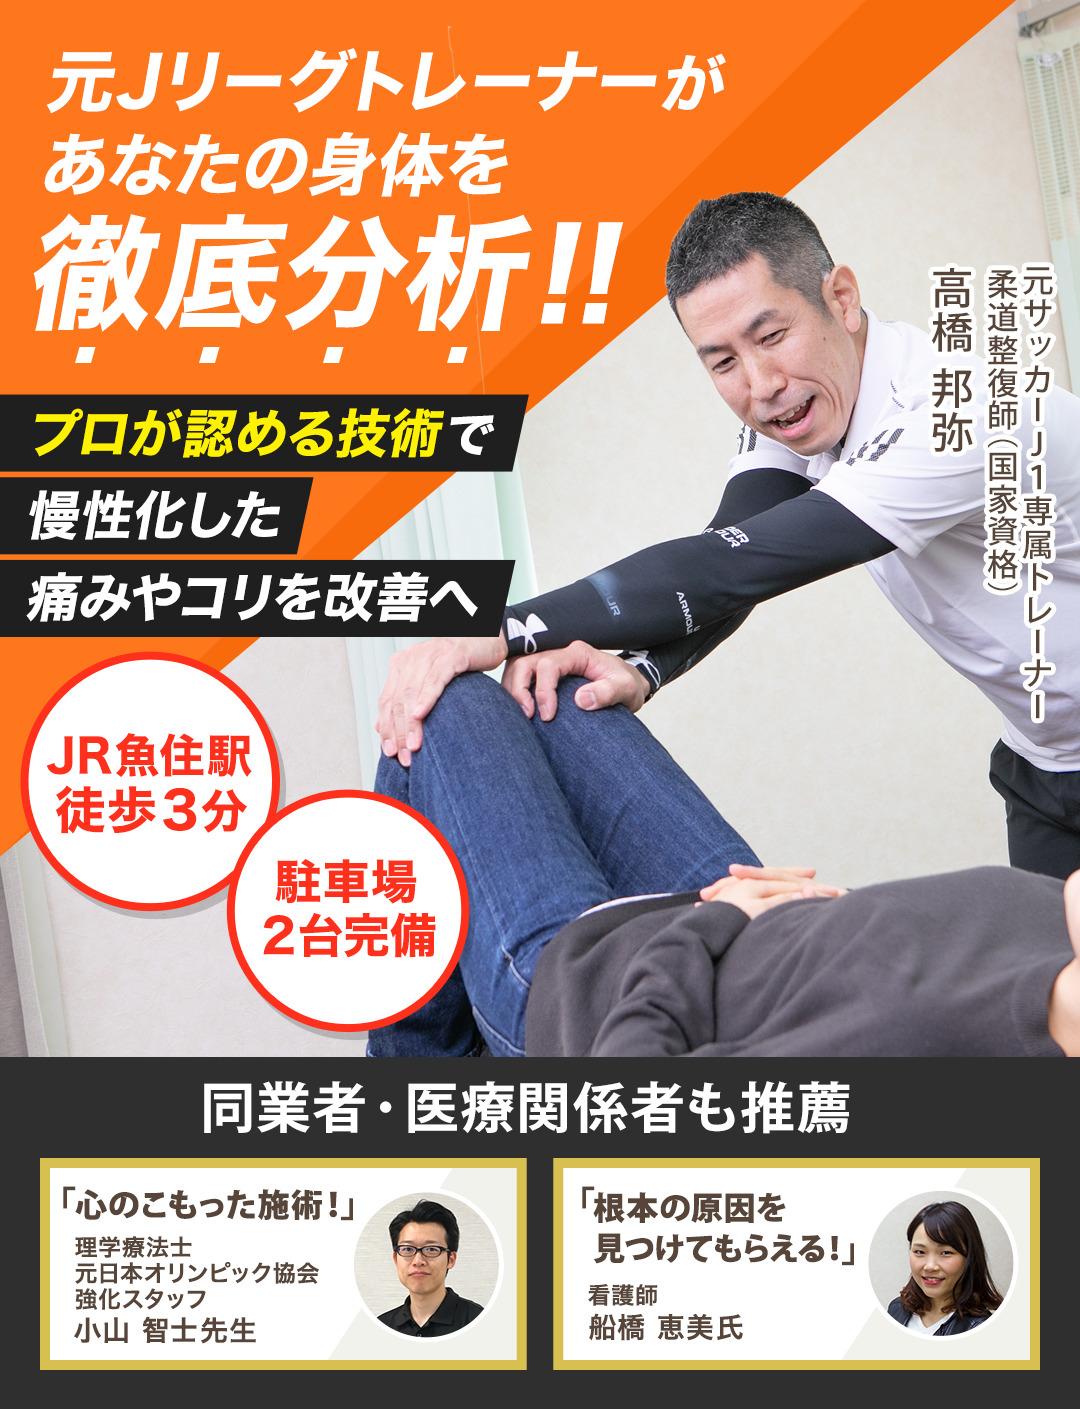 元Jリーグトレーナーがあなたの身体を徹底分析!!